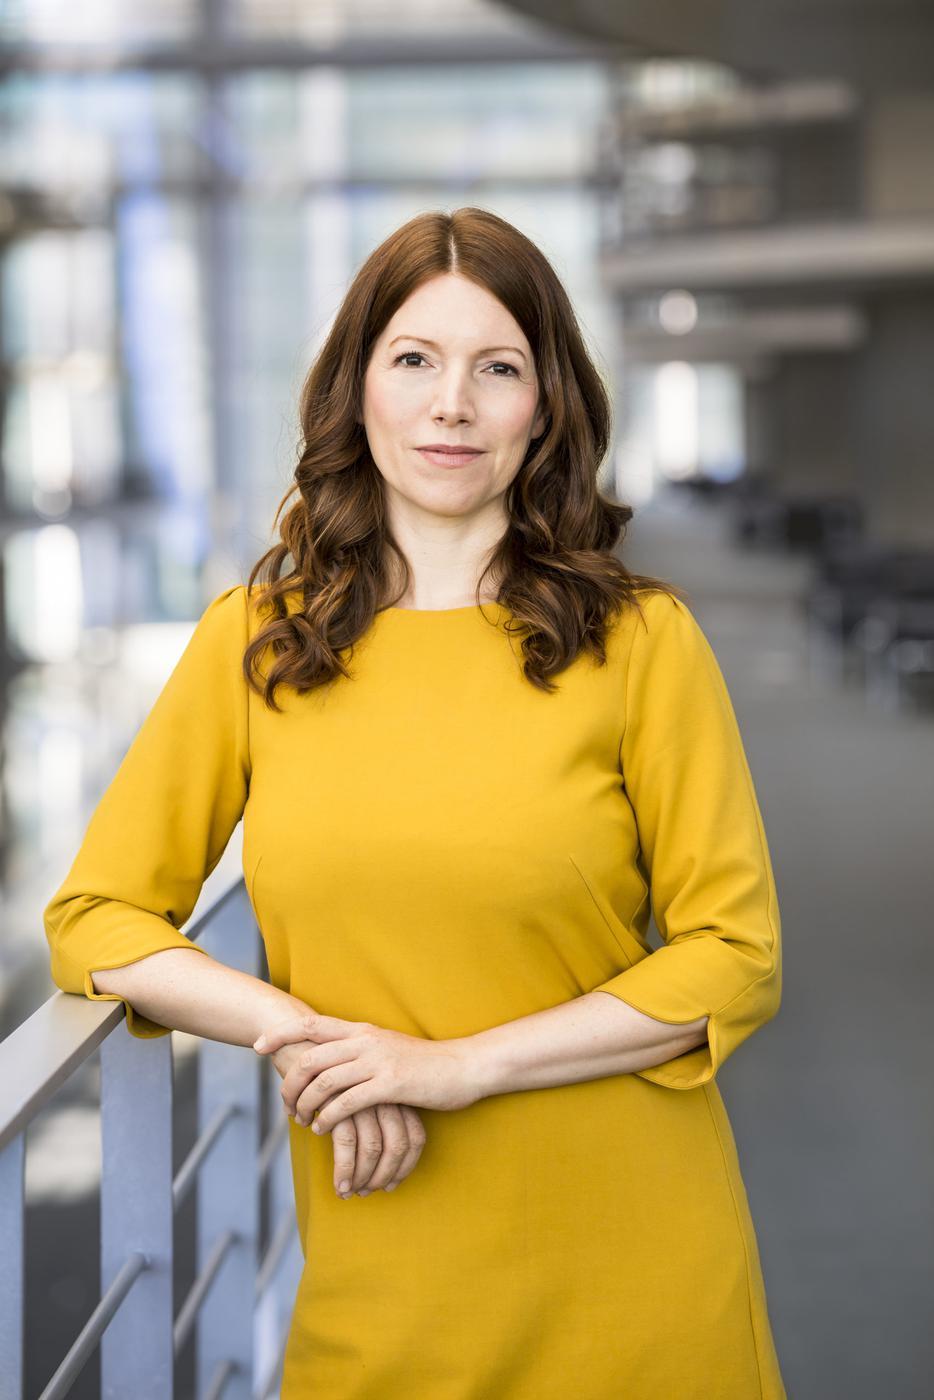 Eine klare Meinung zum Thema KI hat auch Bundestagsmitglied Dr. Anna Christmann, Sprecherin für Innovations- und Technologiepolitik für Bündnis90/Die GRÜNEN im Bundestag.